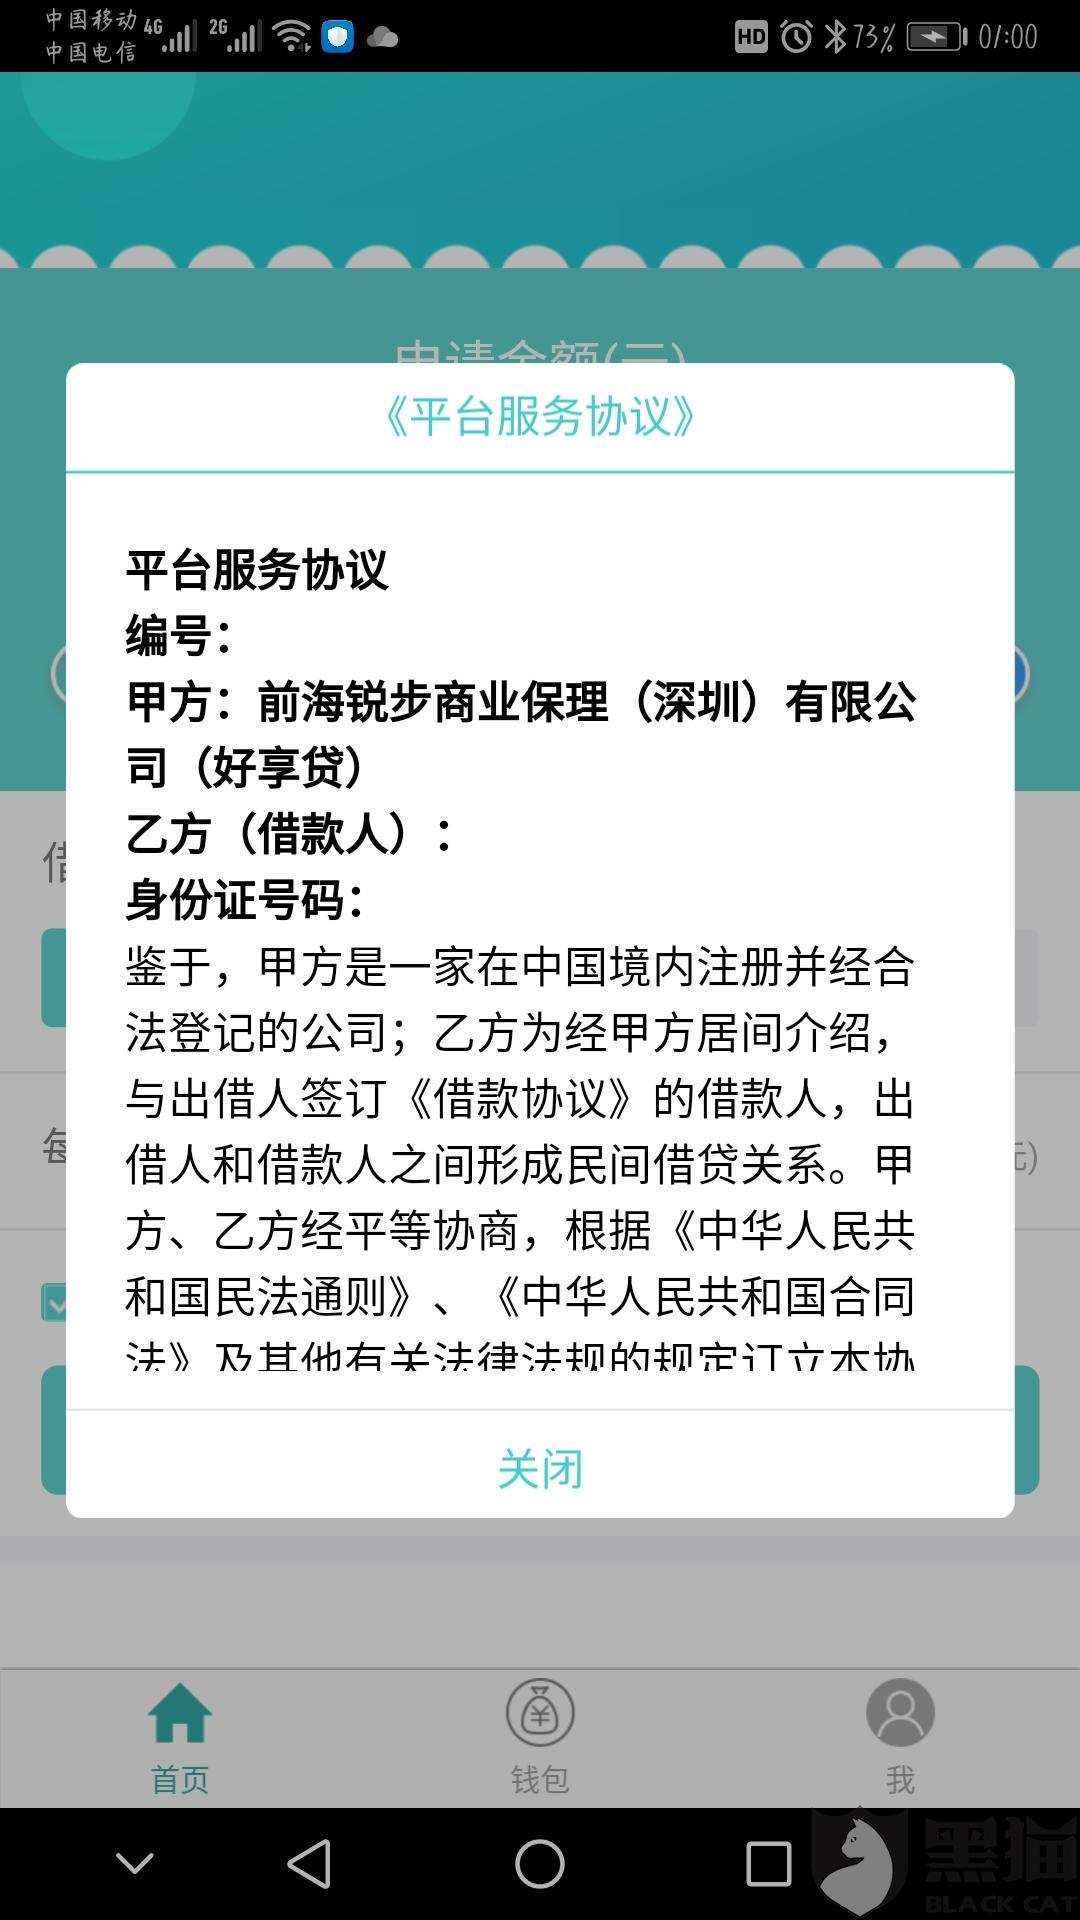 黑猫投诉:前海锐步商业保理(深圳)有限公司旗下交银易贷涉嫌套路贷